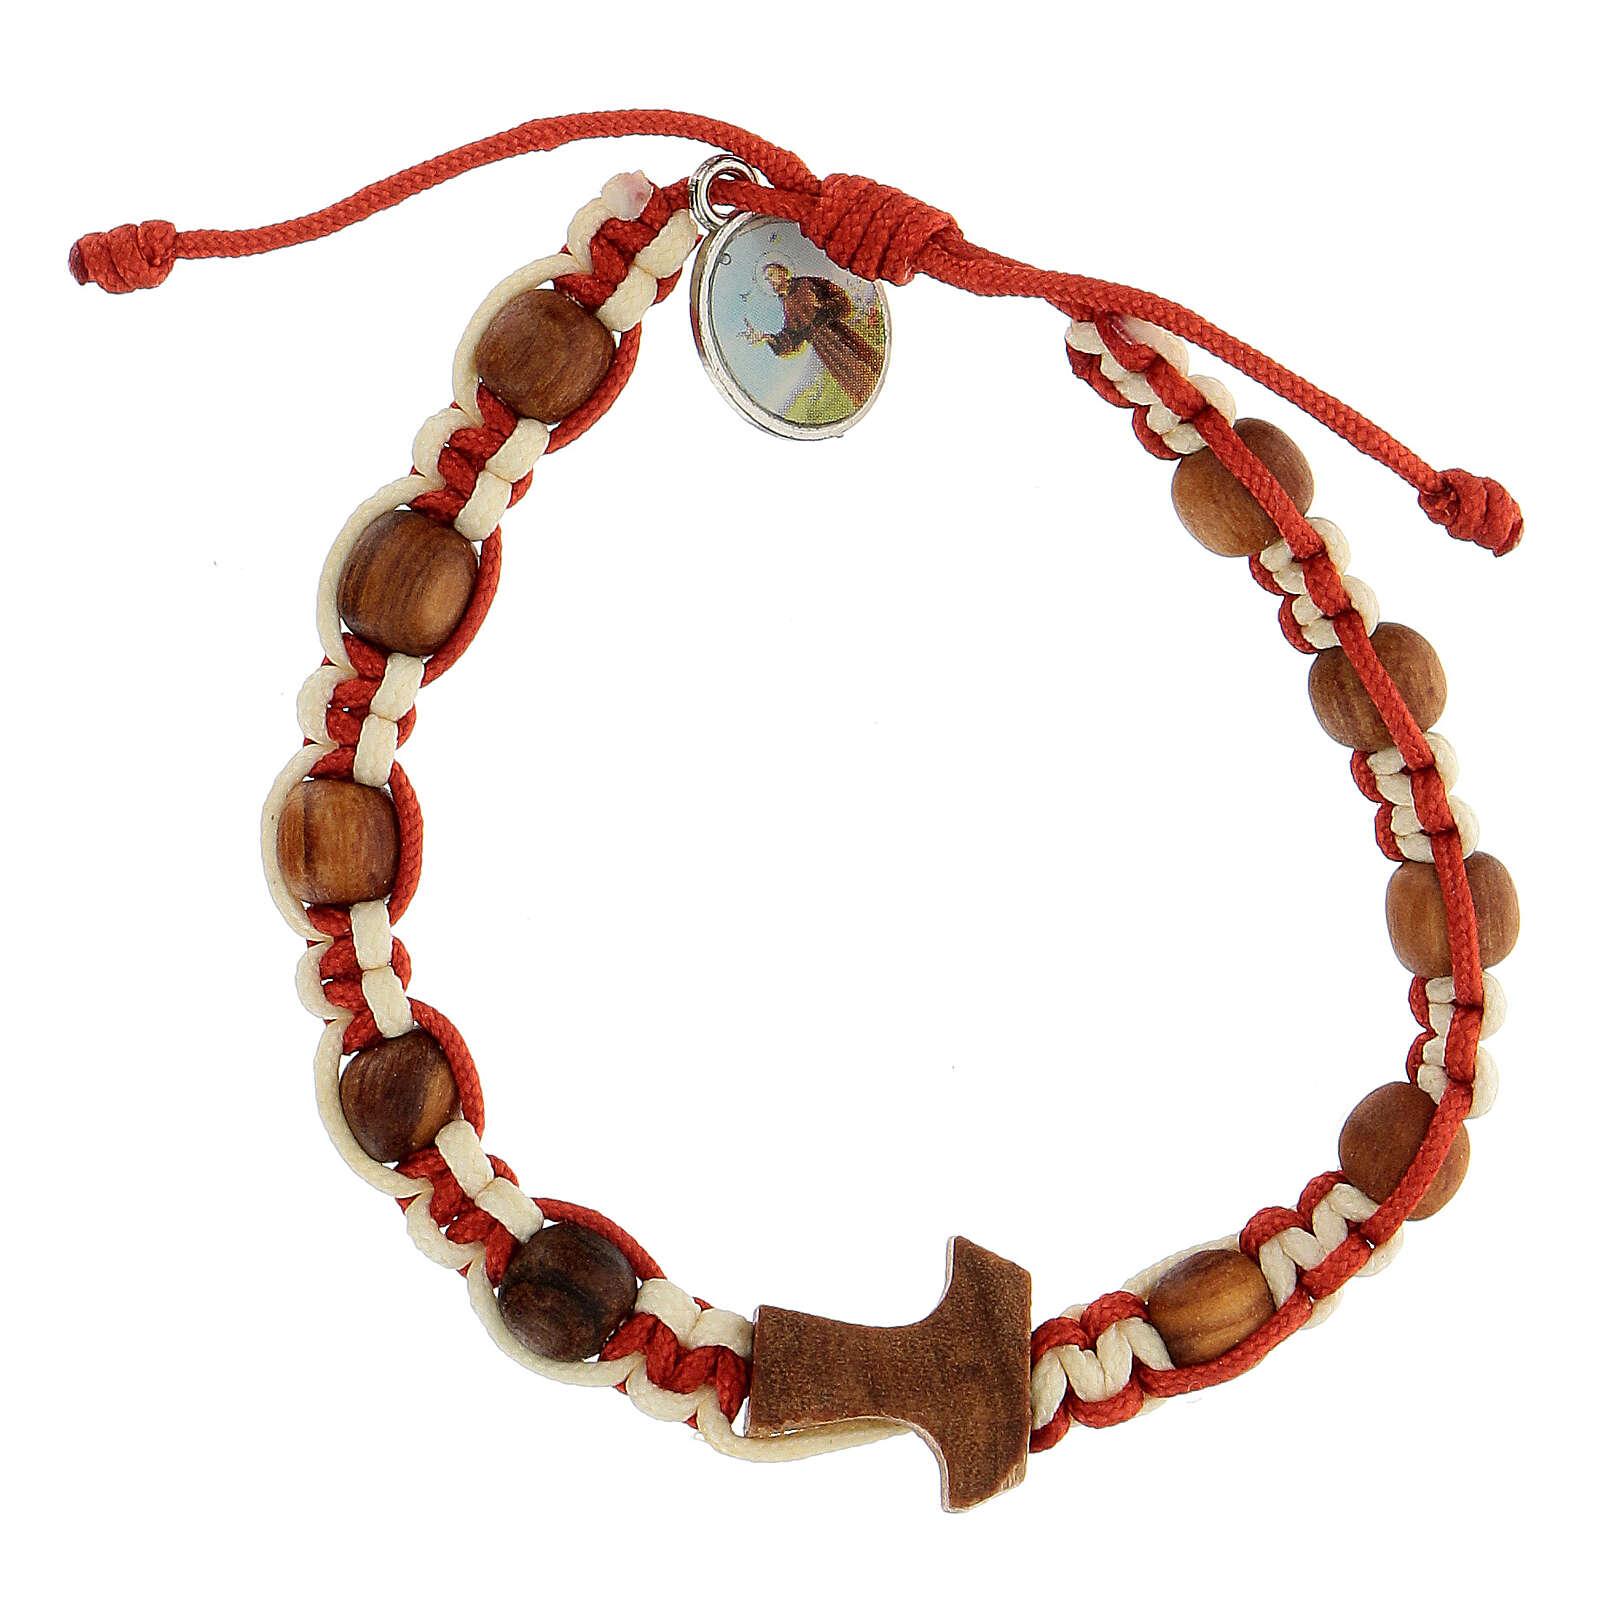 Bracciale Medjugorje bimbo croce tau corda bicolore bianco e rosso 4